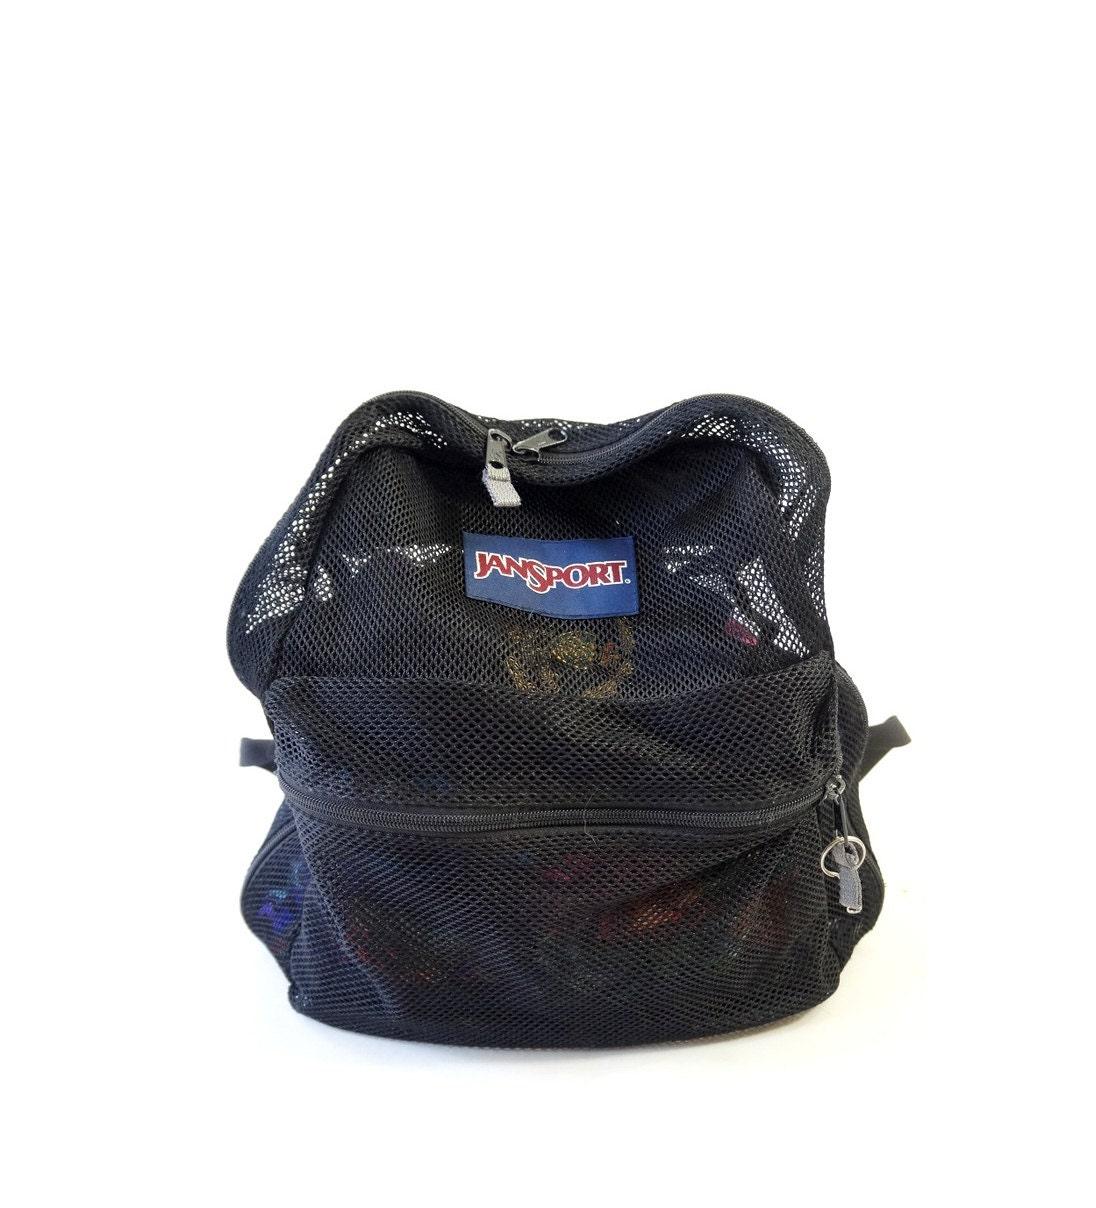 Gym Bag Jansport: Black Mesh 90s Jansport Backpack 90s Athletic Gym By